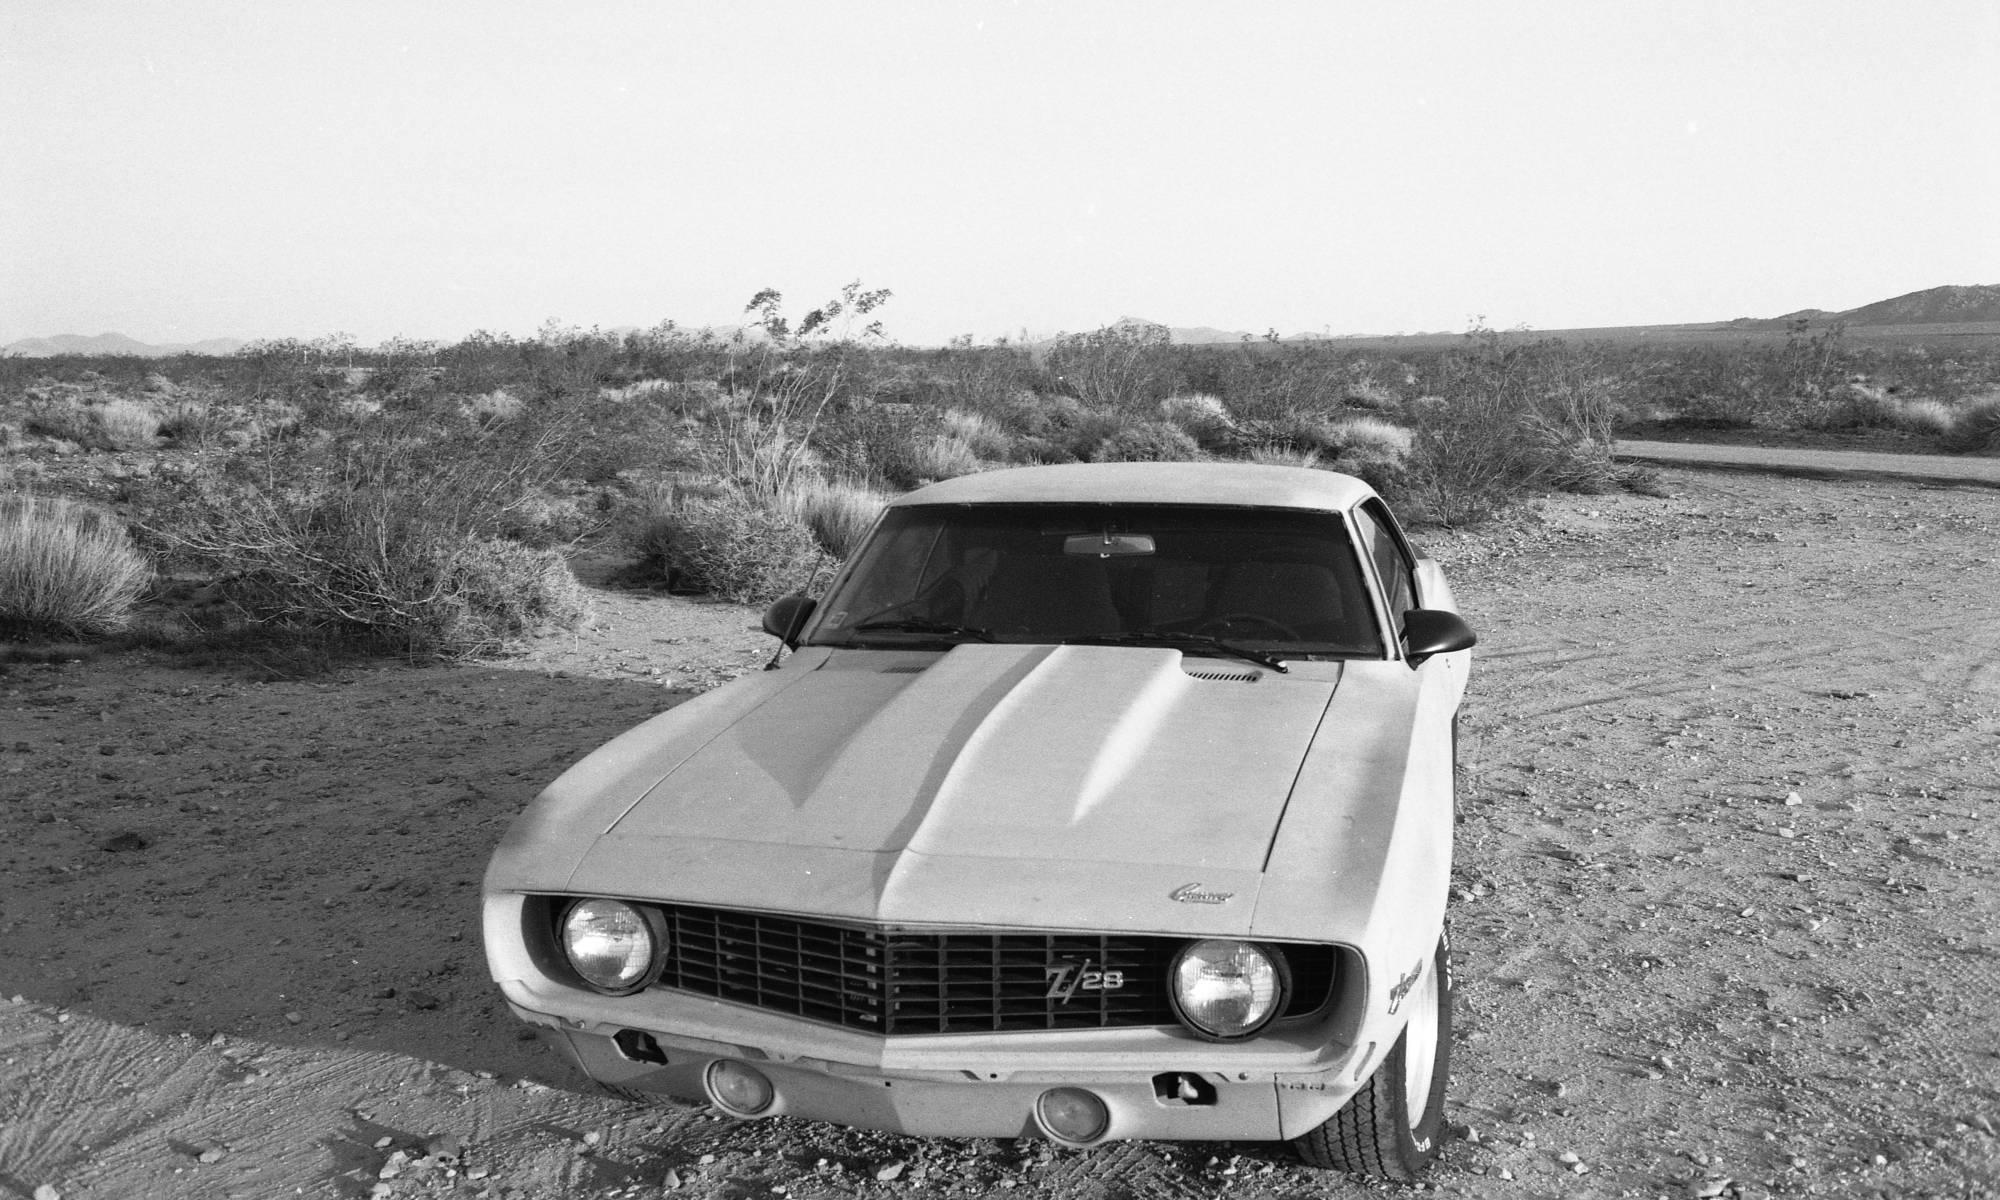 Alan's 1969 Camaro